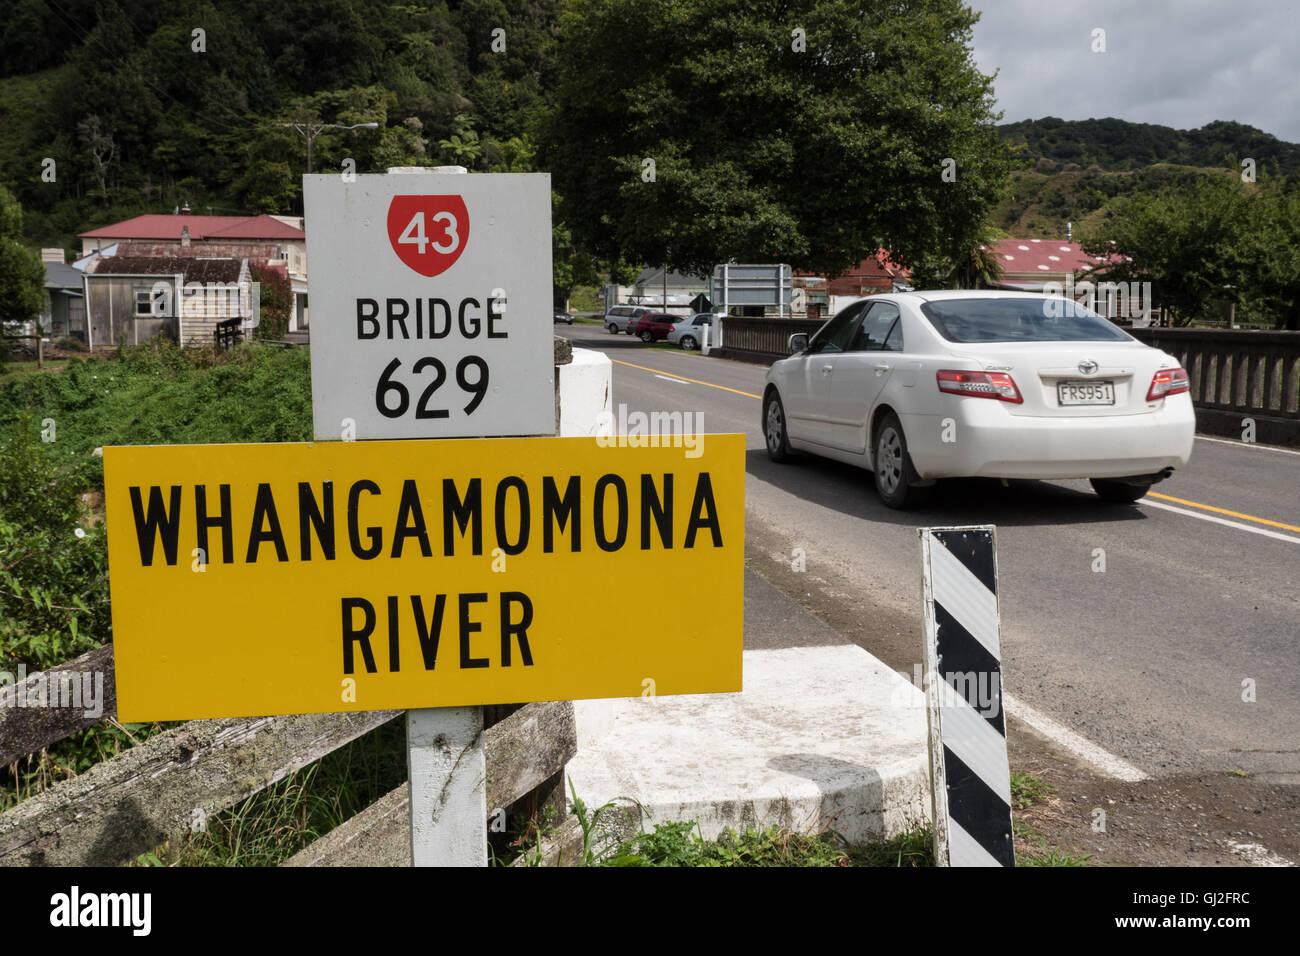 Road bridge 629 spanning the Whangamomona River at Whangamomona New Zealand North Island. - Stock Image